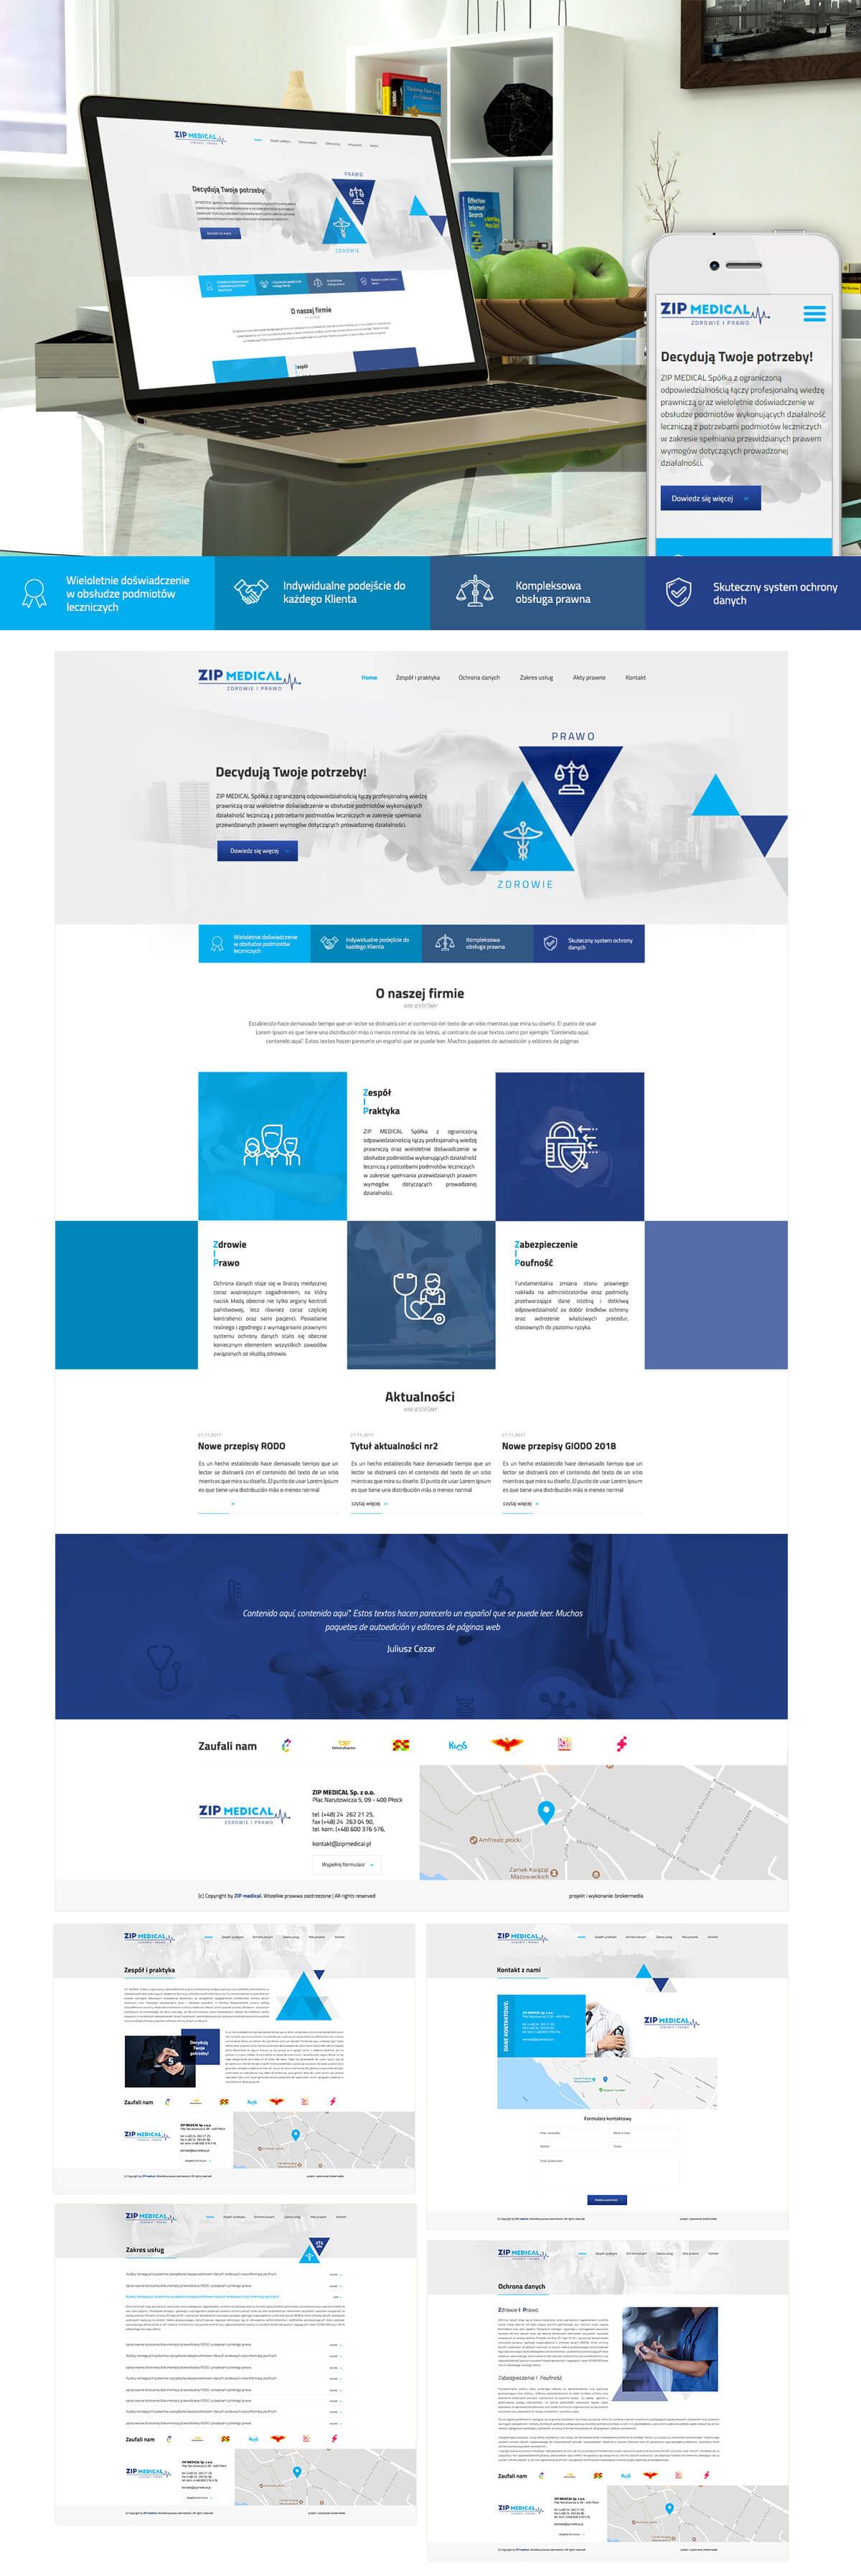 strona www Webdesign Strony Internetowe strony www strony internetowe warszawa projekt strony design